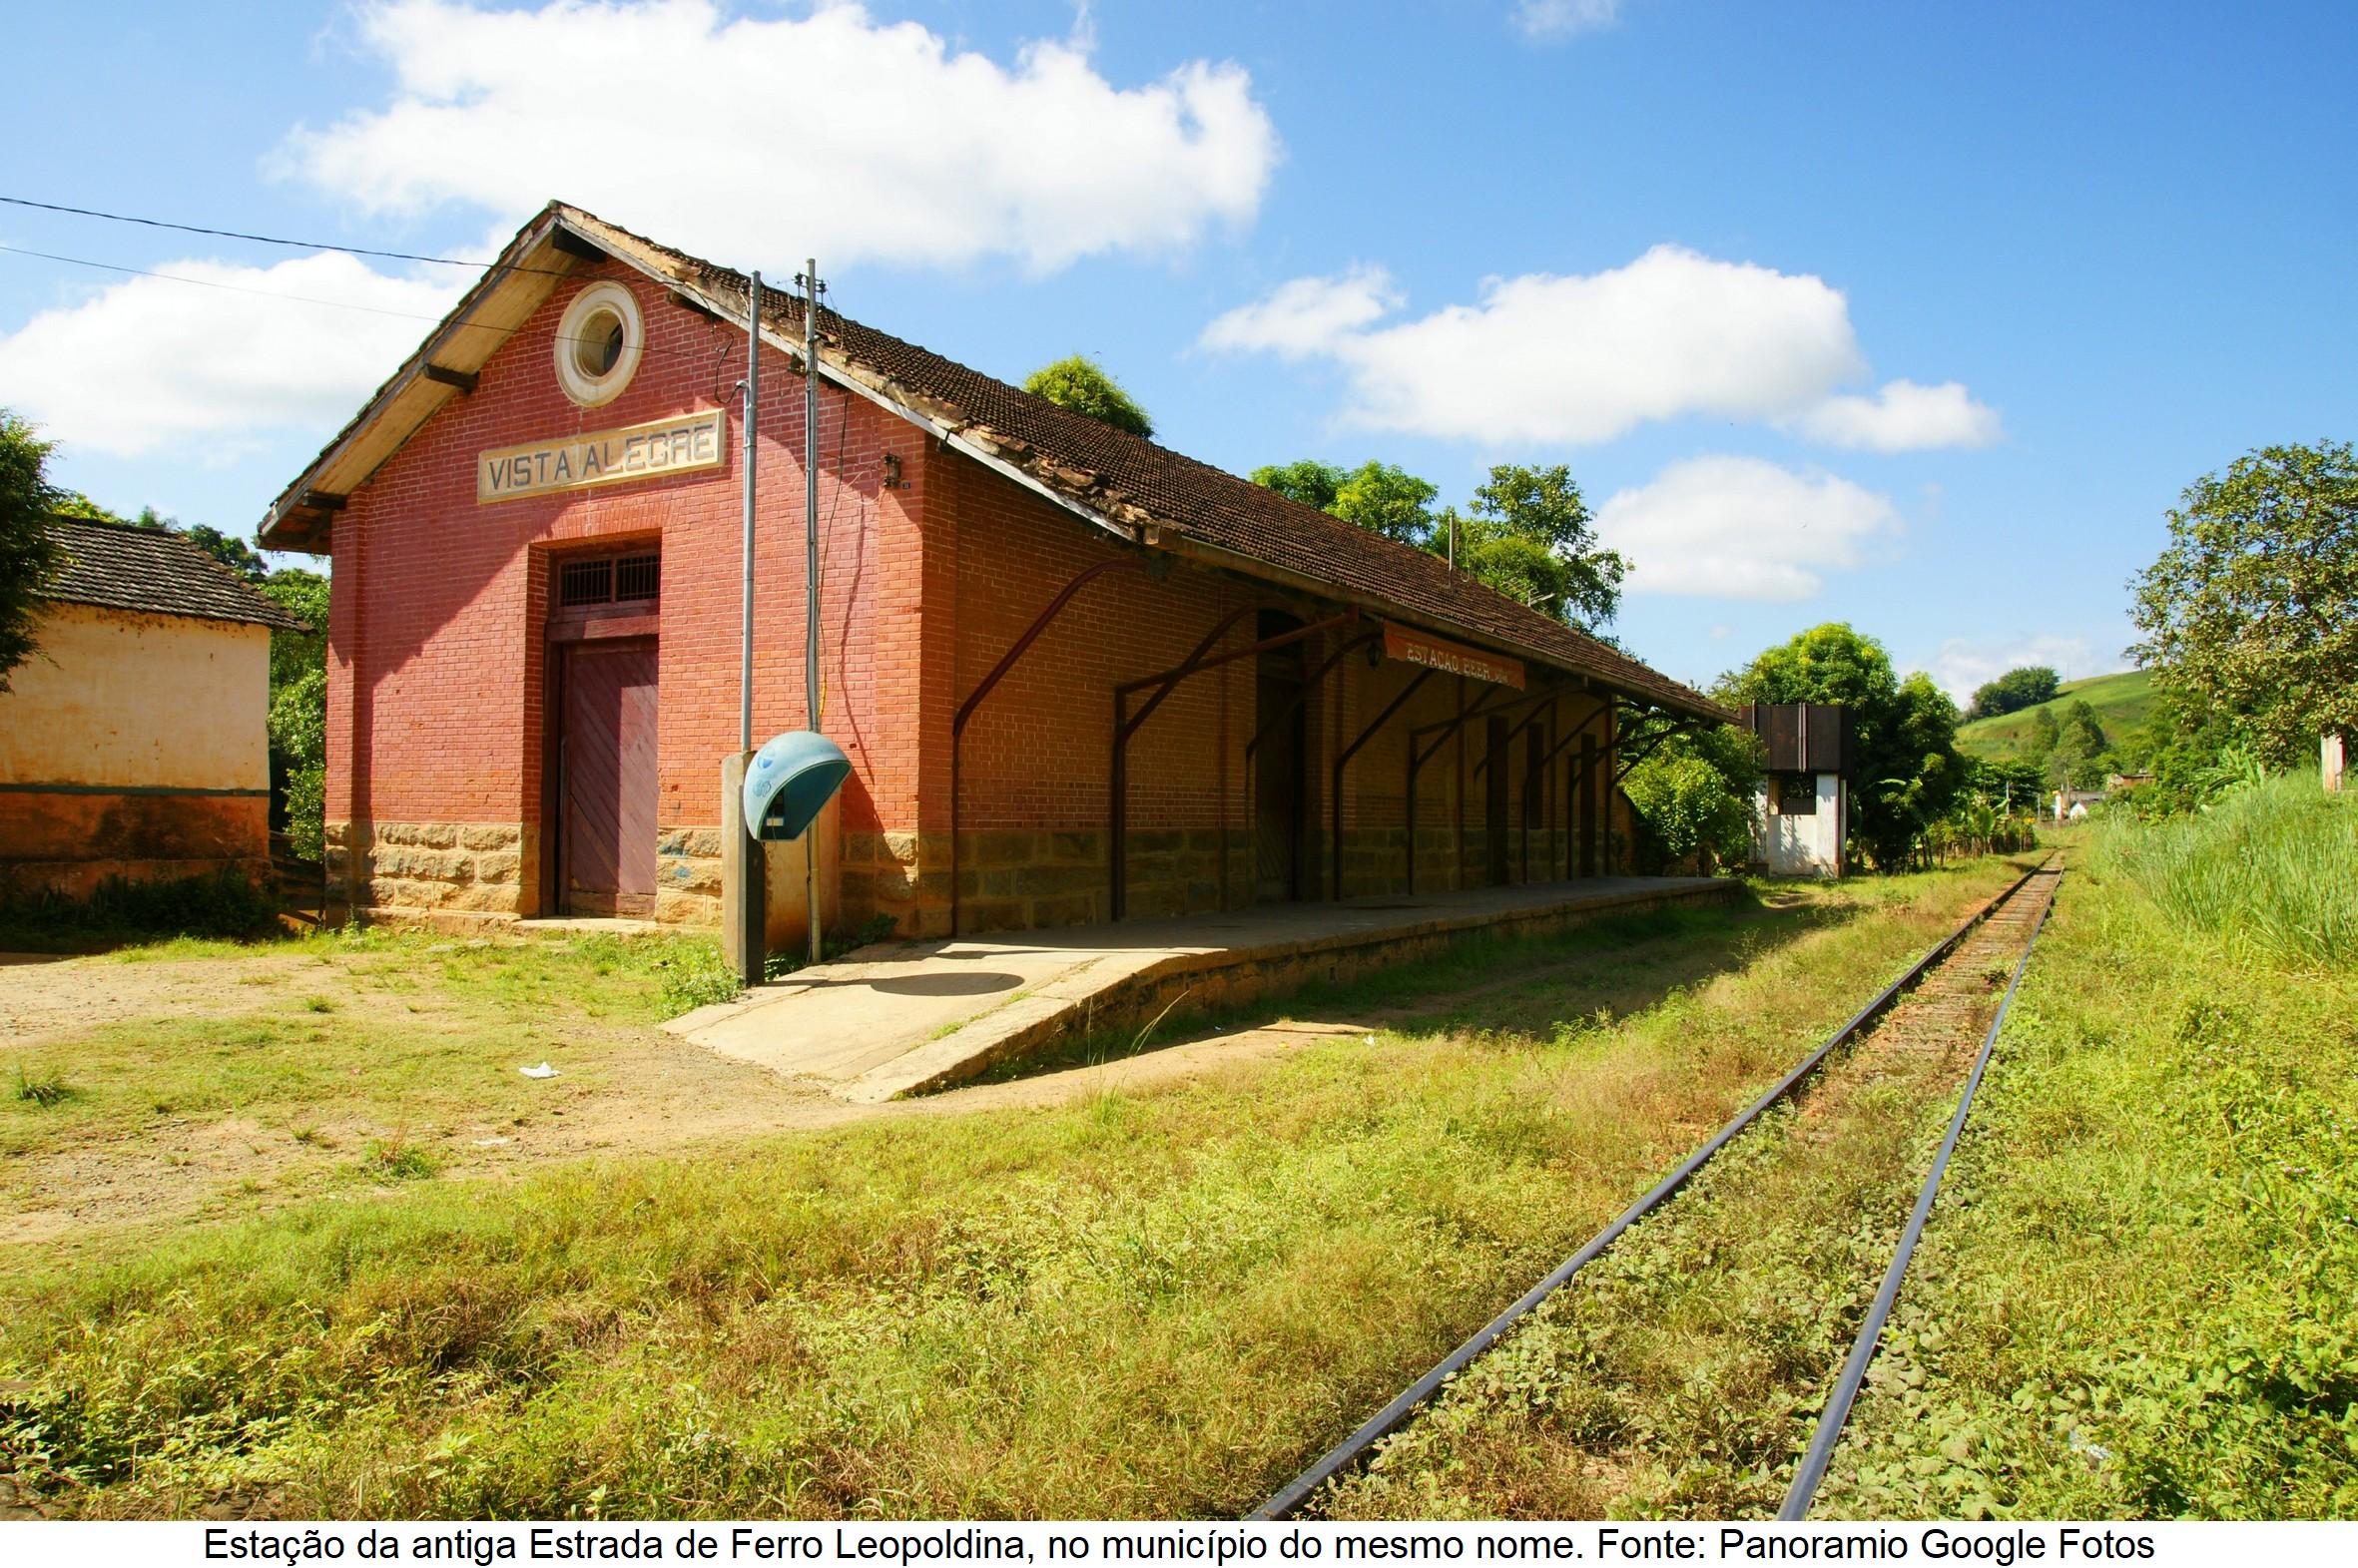 Estação da Estrada de Ferro Leopoldina